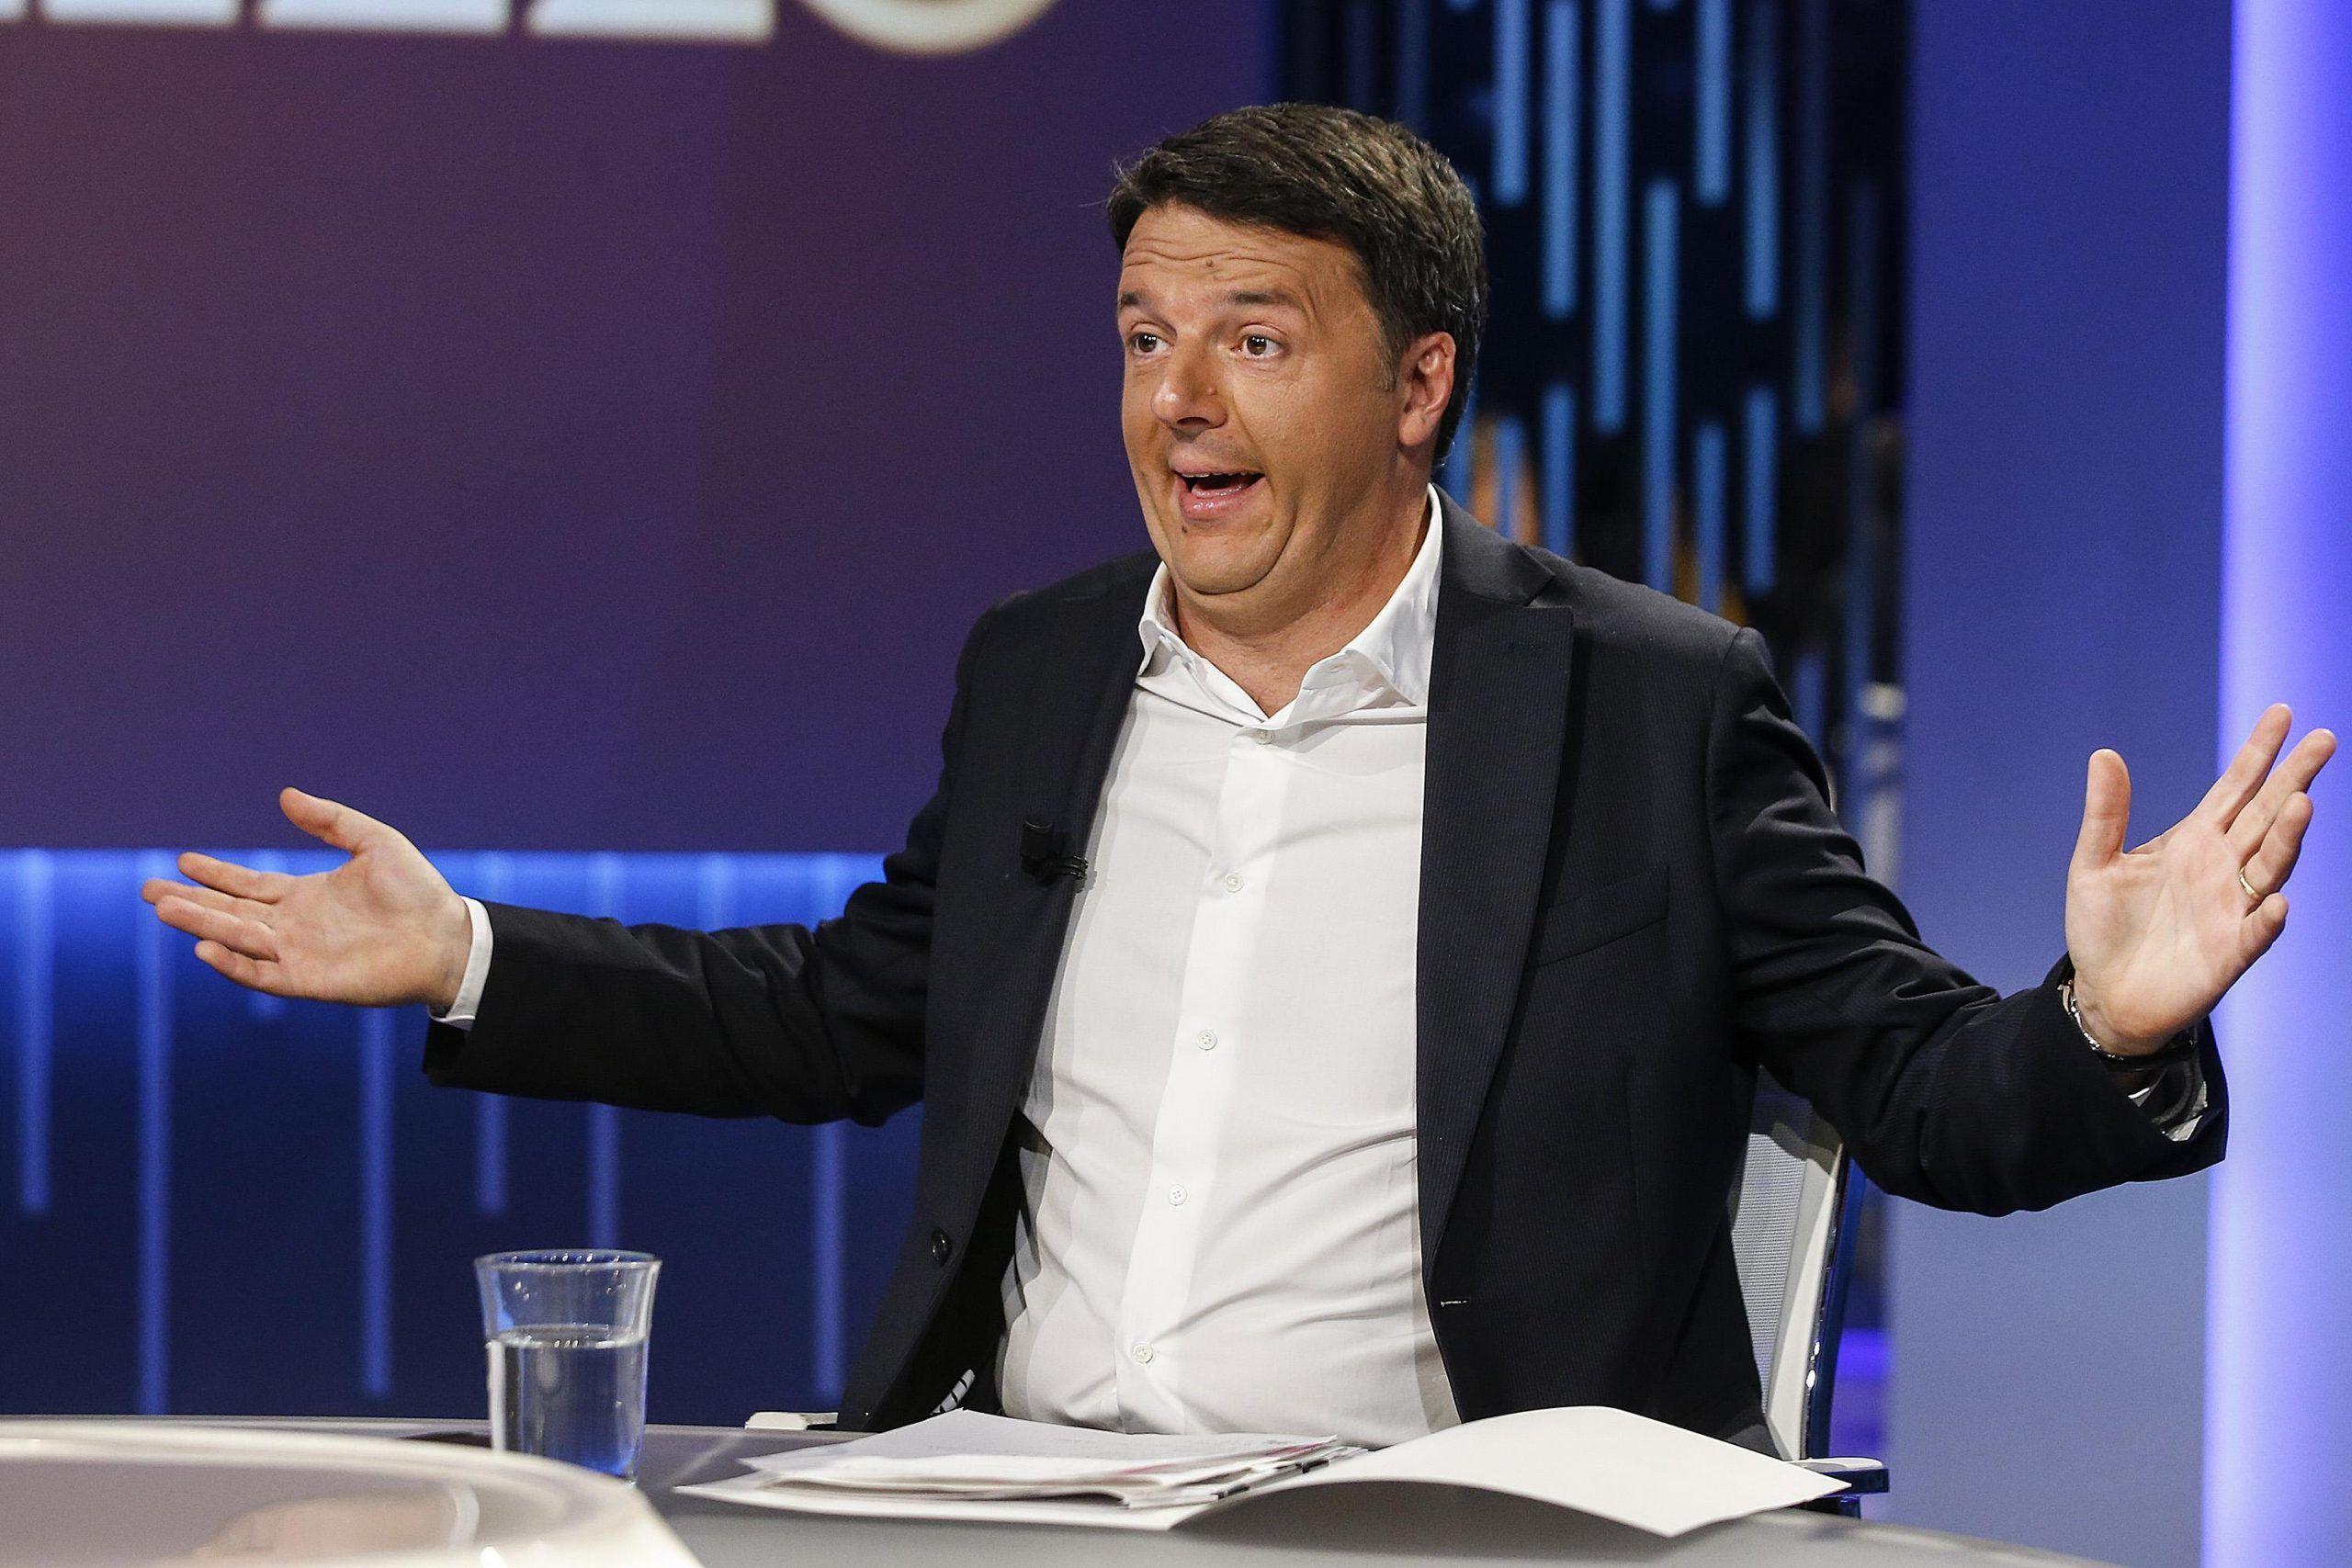 Matteo Renzi compra una villa da 1 milione e 300mila euro: ma non aveva solo 15mila euro sul conto?